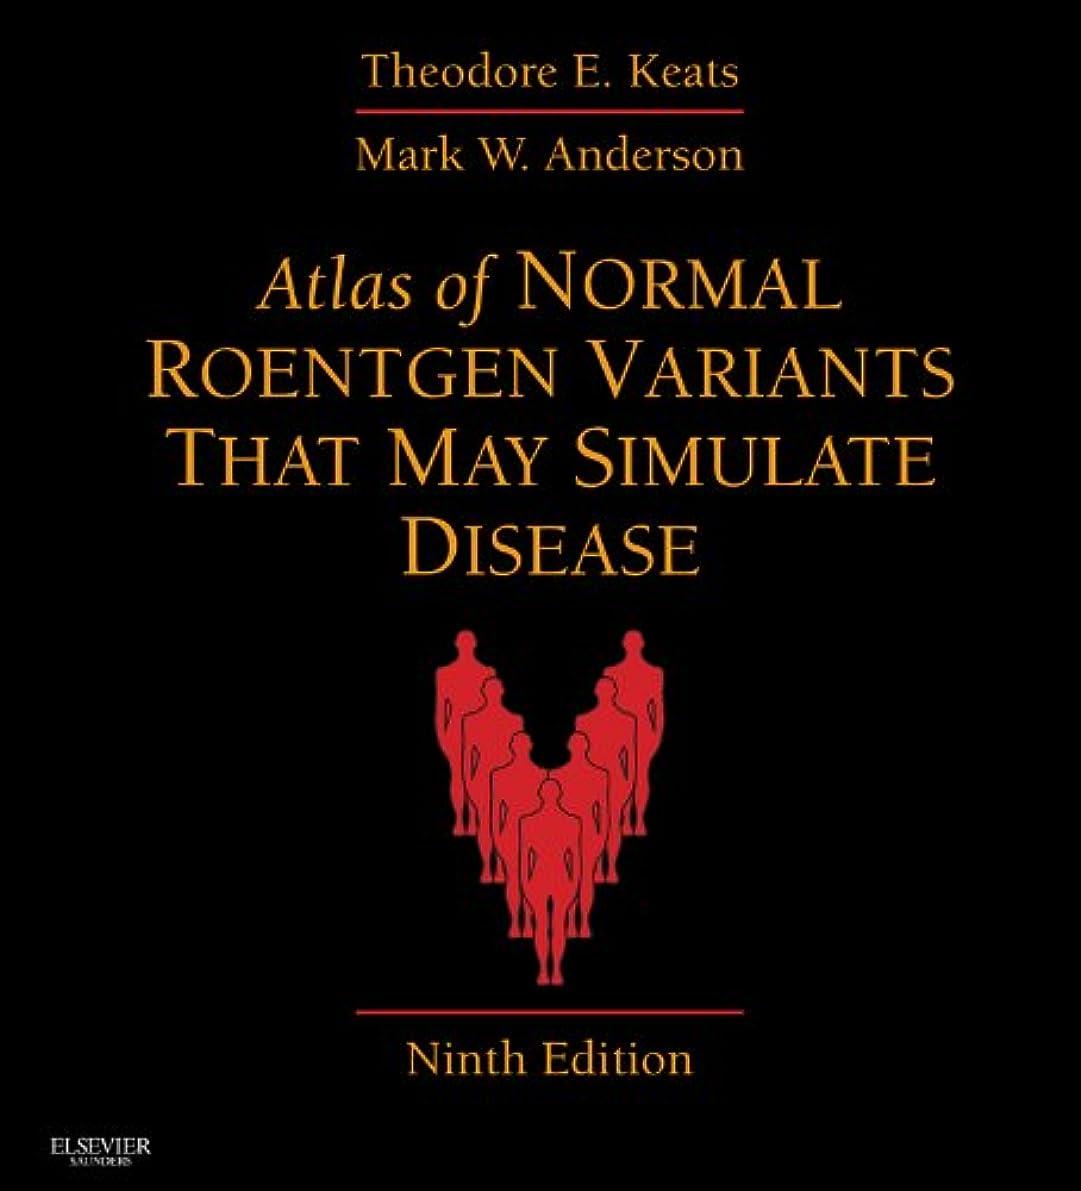 属する征服者頭痛Atlas of Normal Roentgen Variants That May Simulate Disease E-Book: Expert Consult - Enhanced Online Features and Print (English Edition)